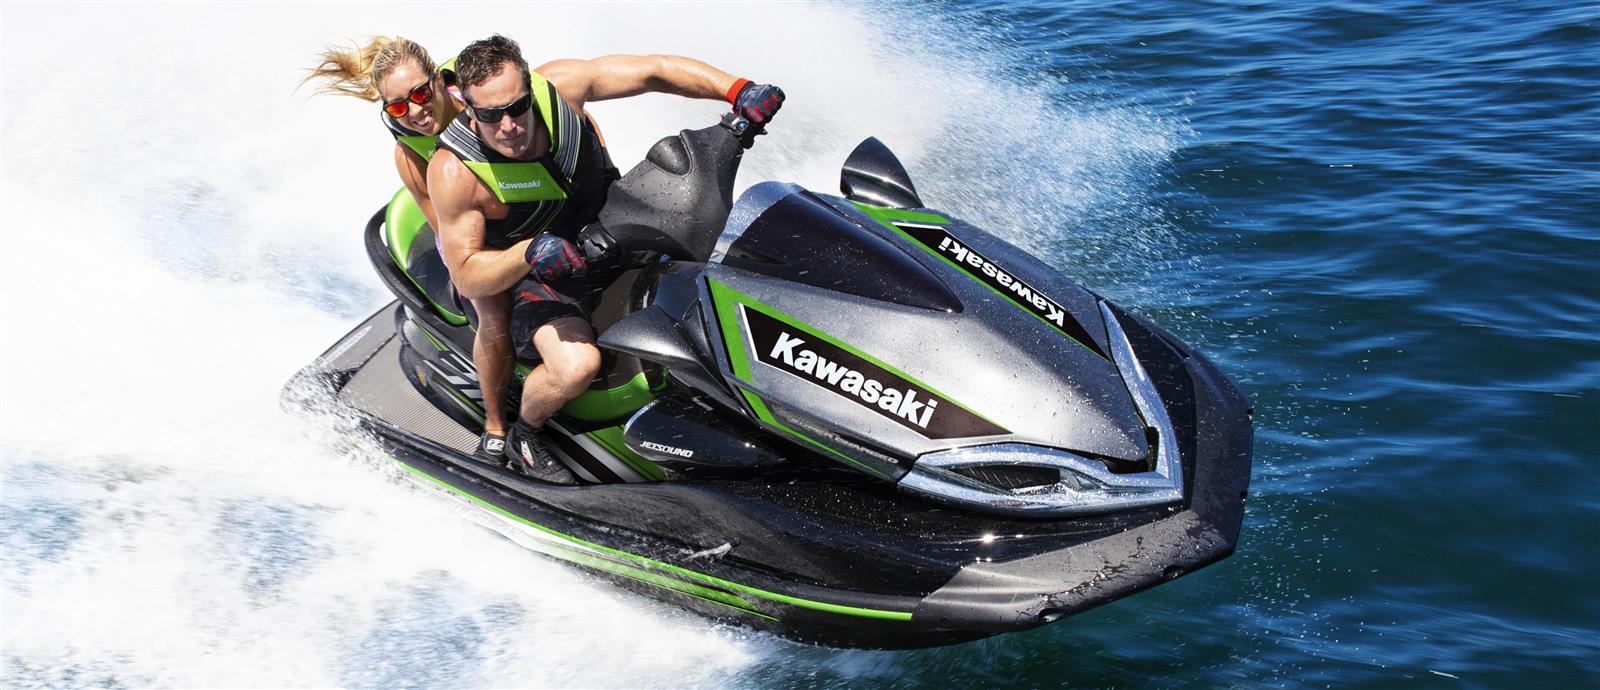 motocyklowa fabryka adrenaliny skutery wodne